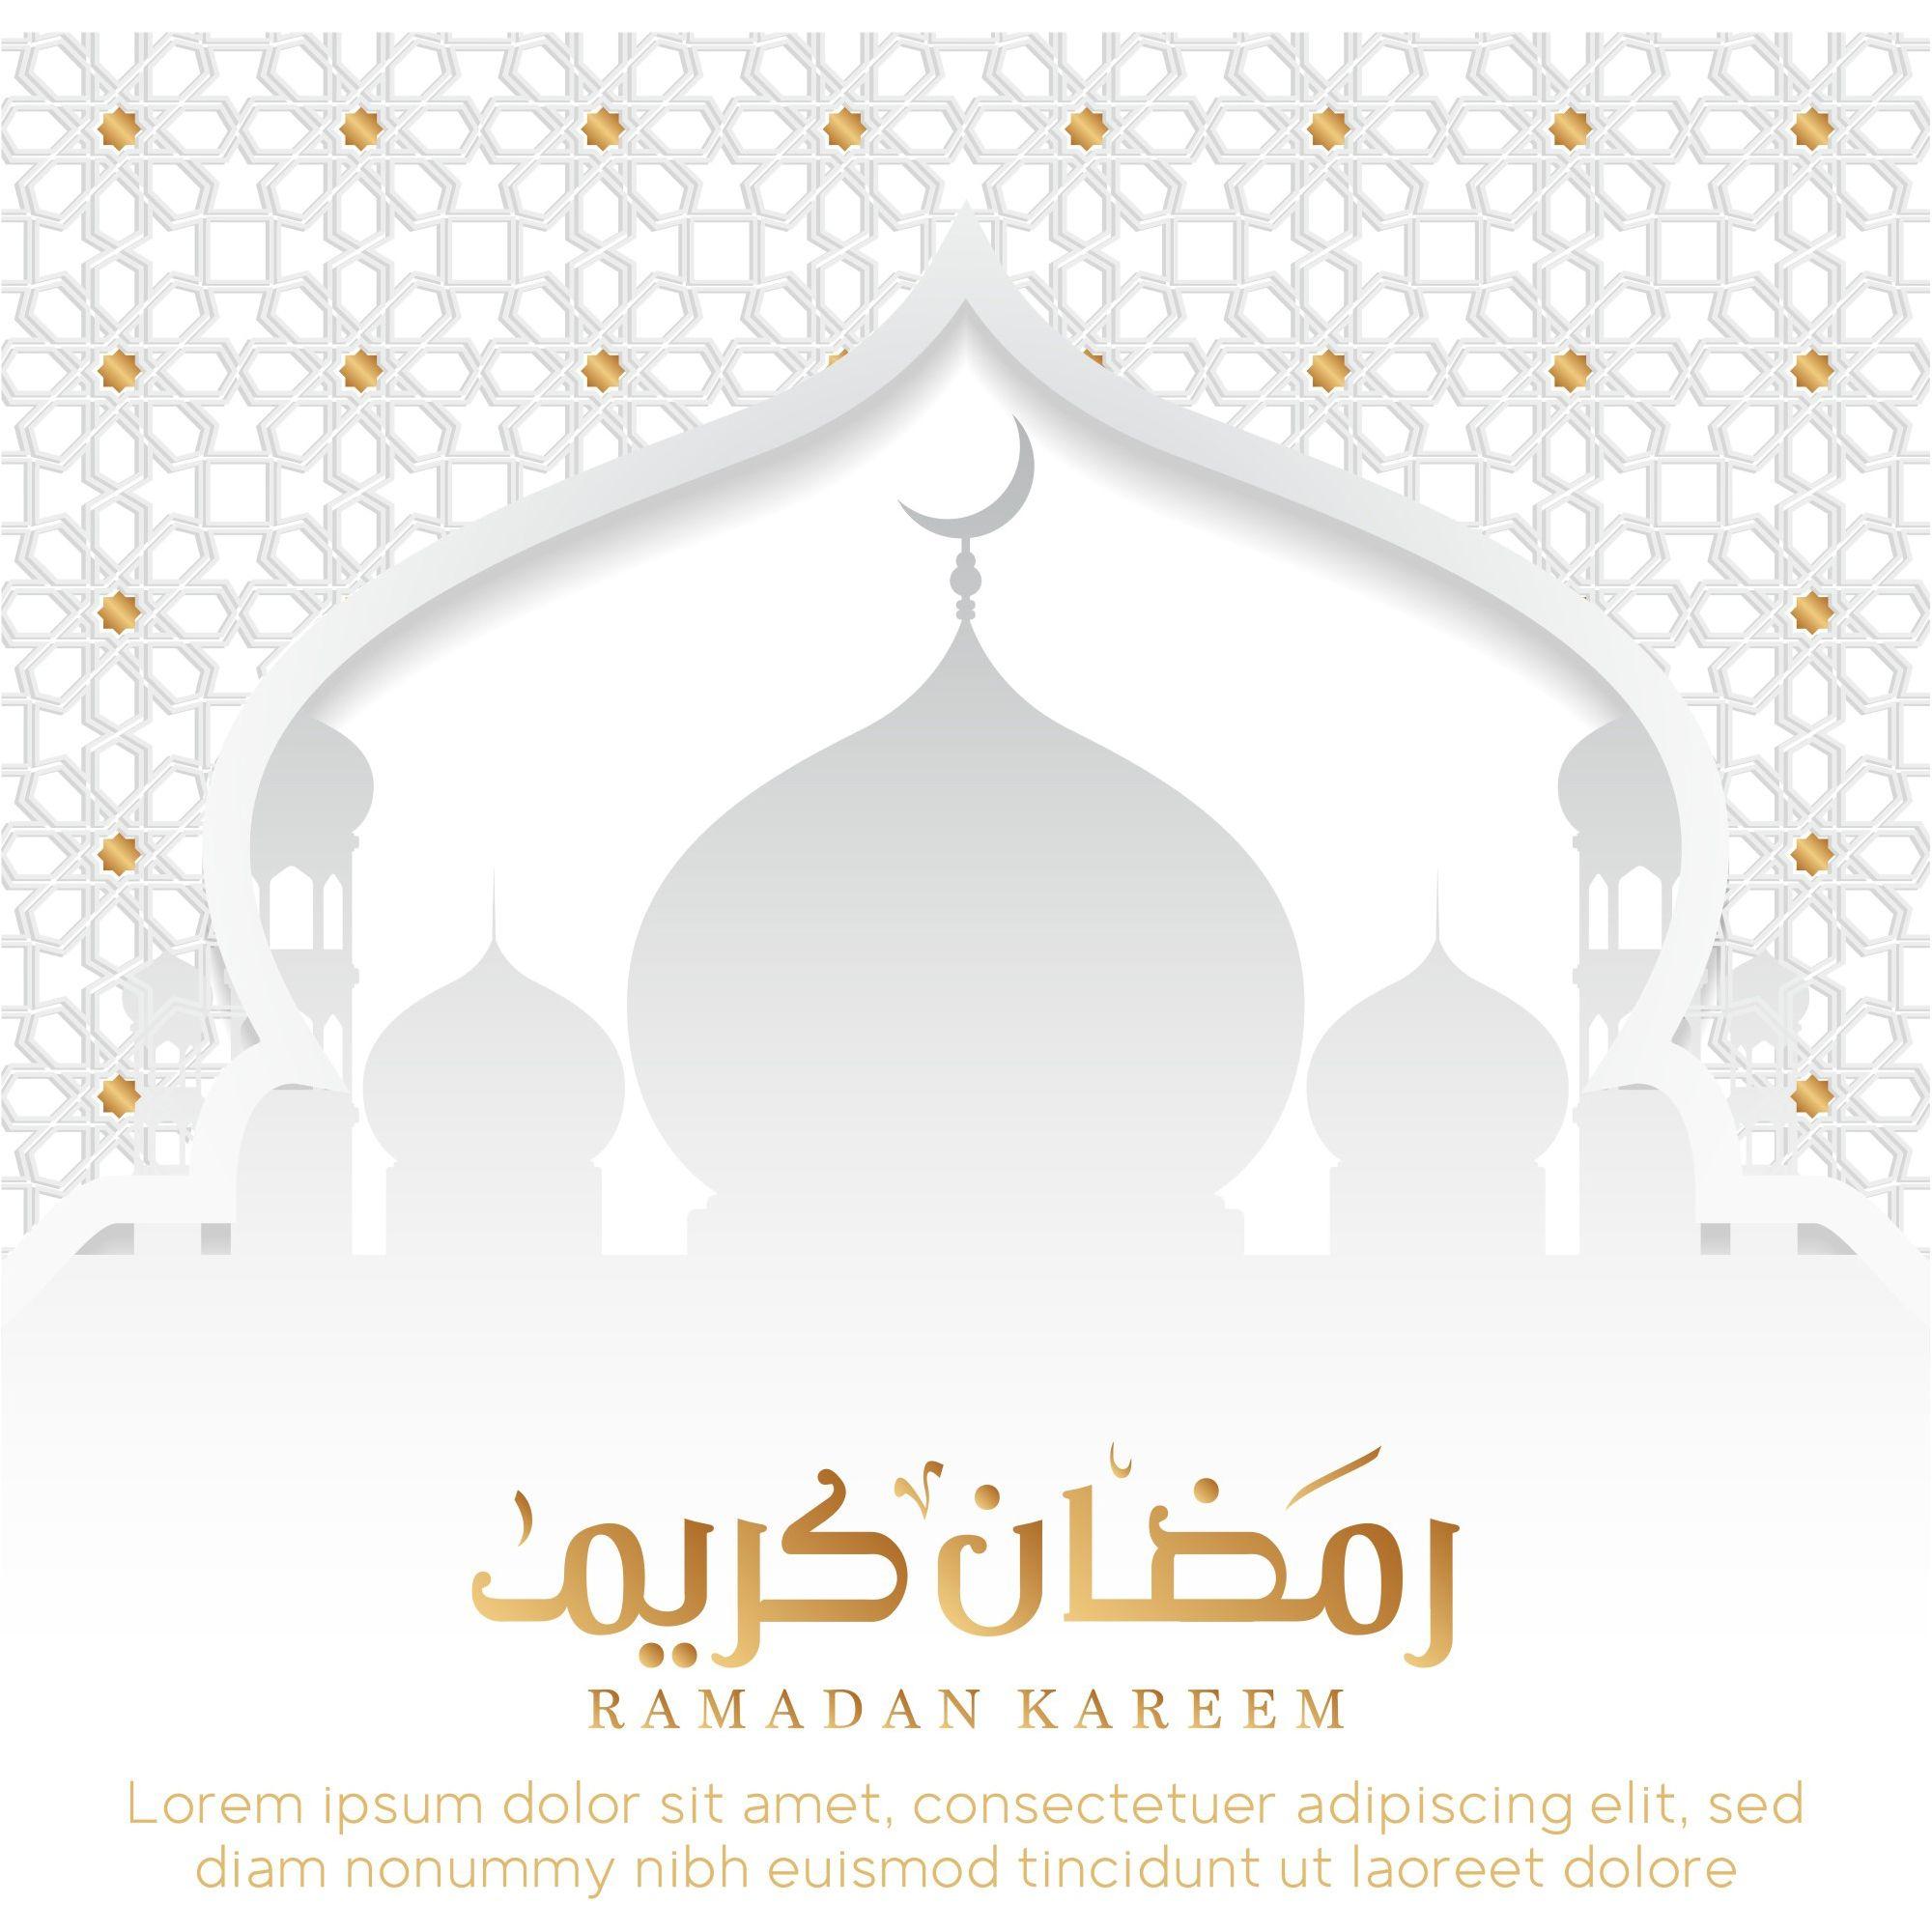 ramadan kareem vector background 300 ramadan kareem